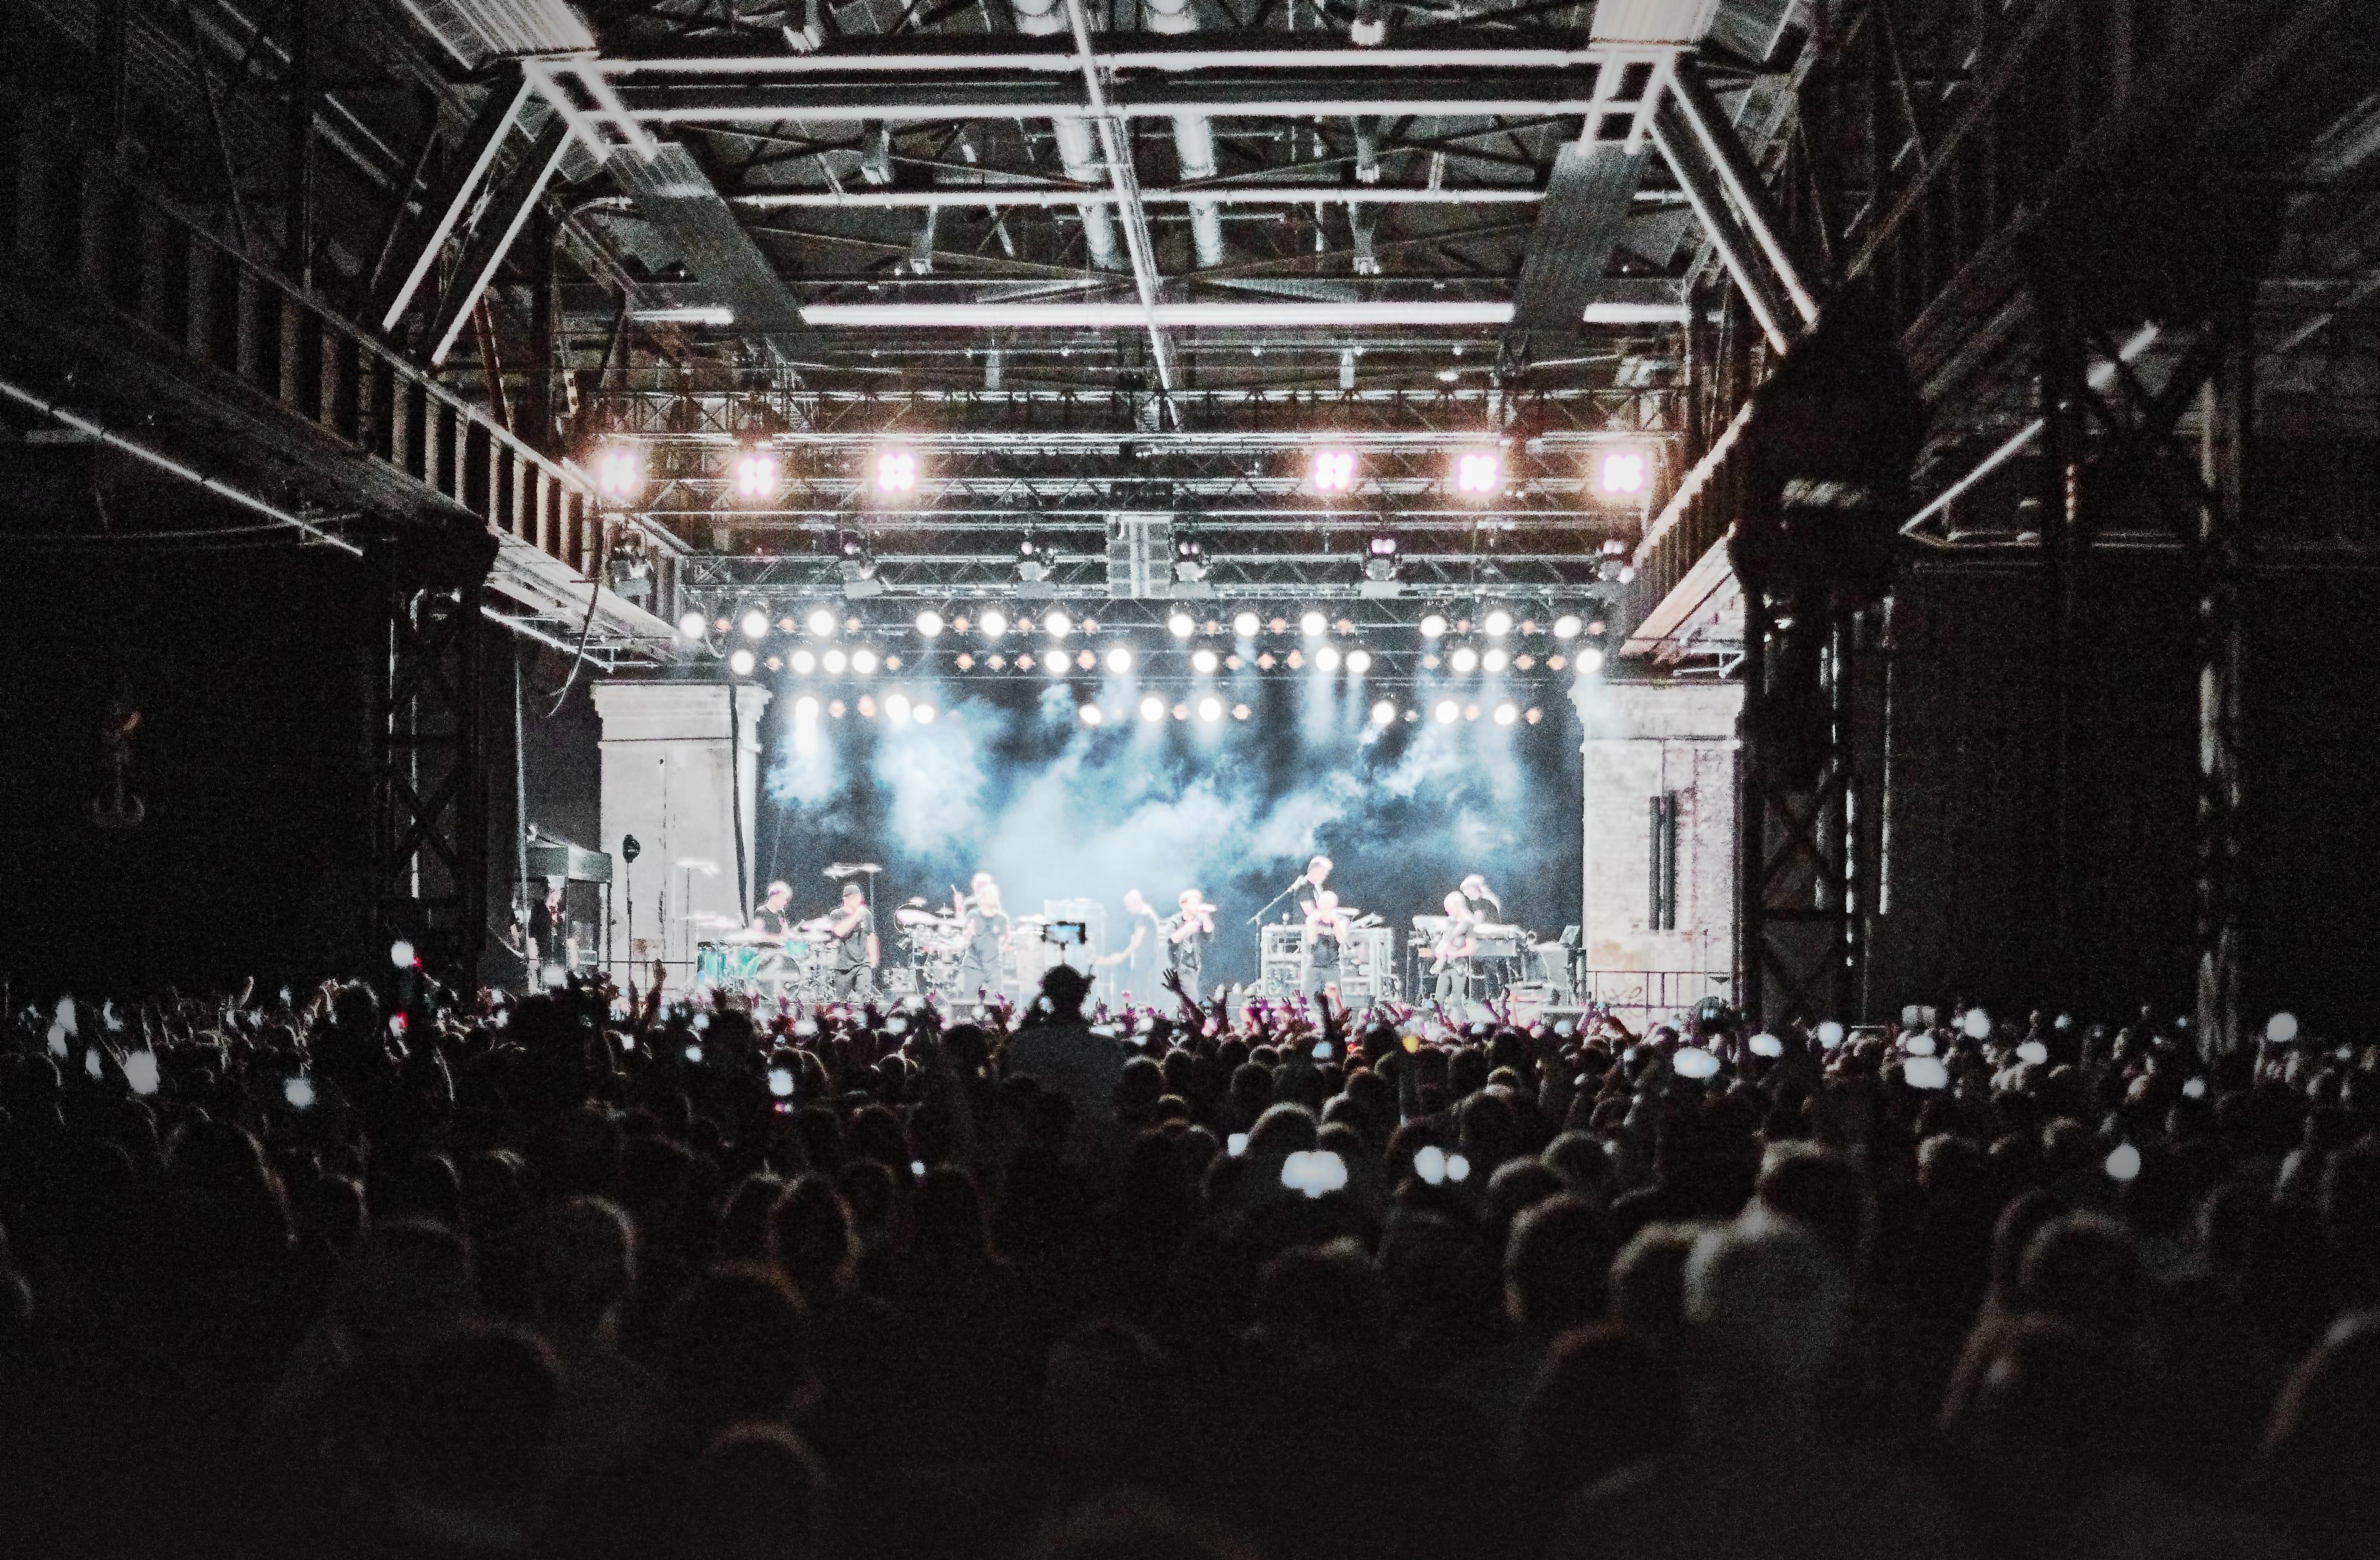 Warsteiner Music Hall Veranstaltungsort Für Live Musik In Dortmund